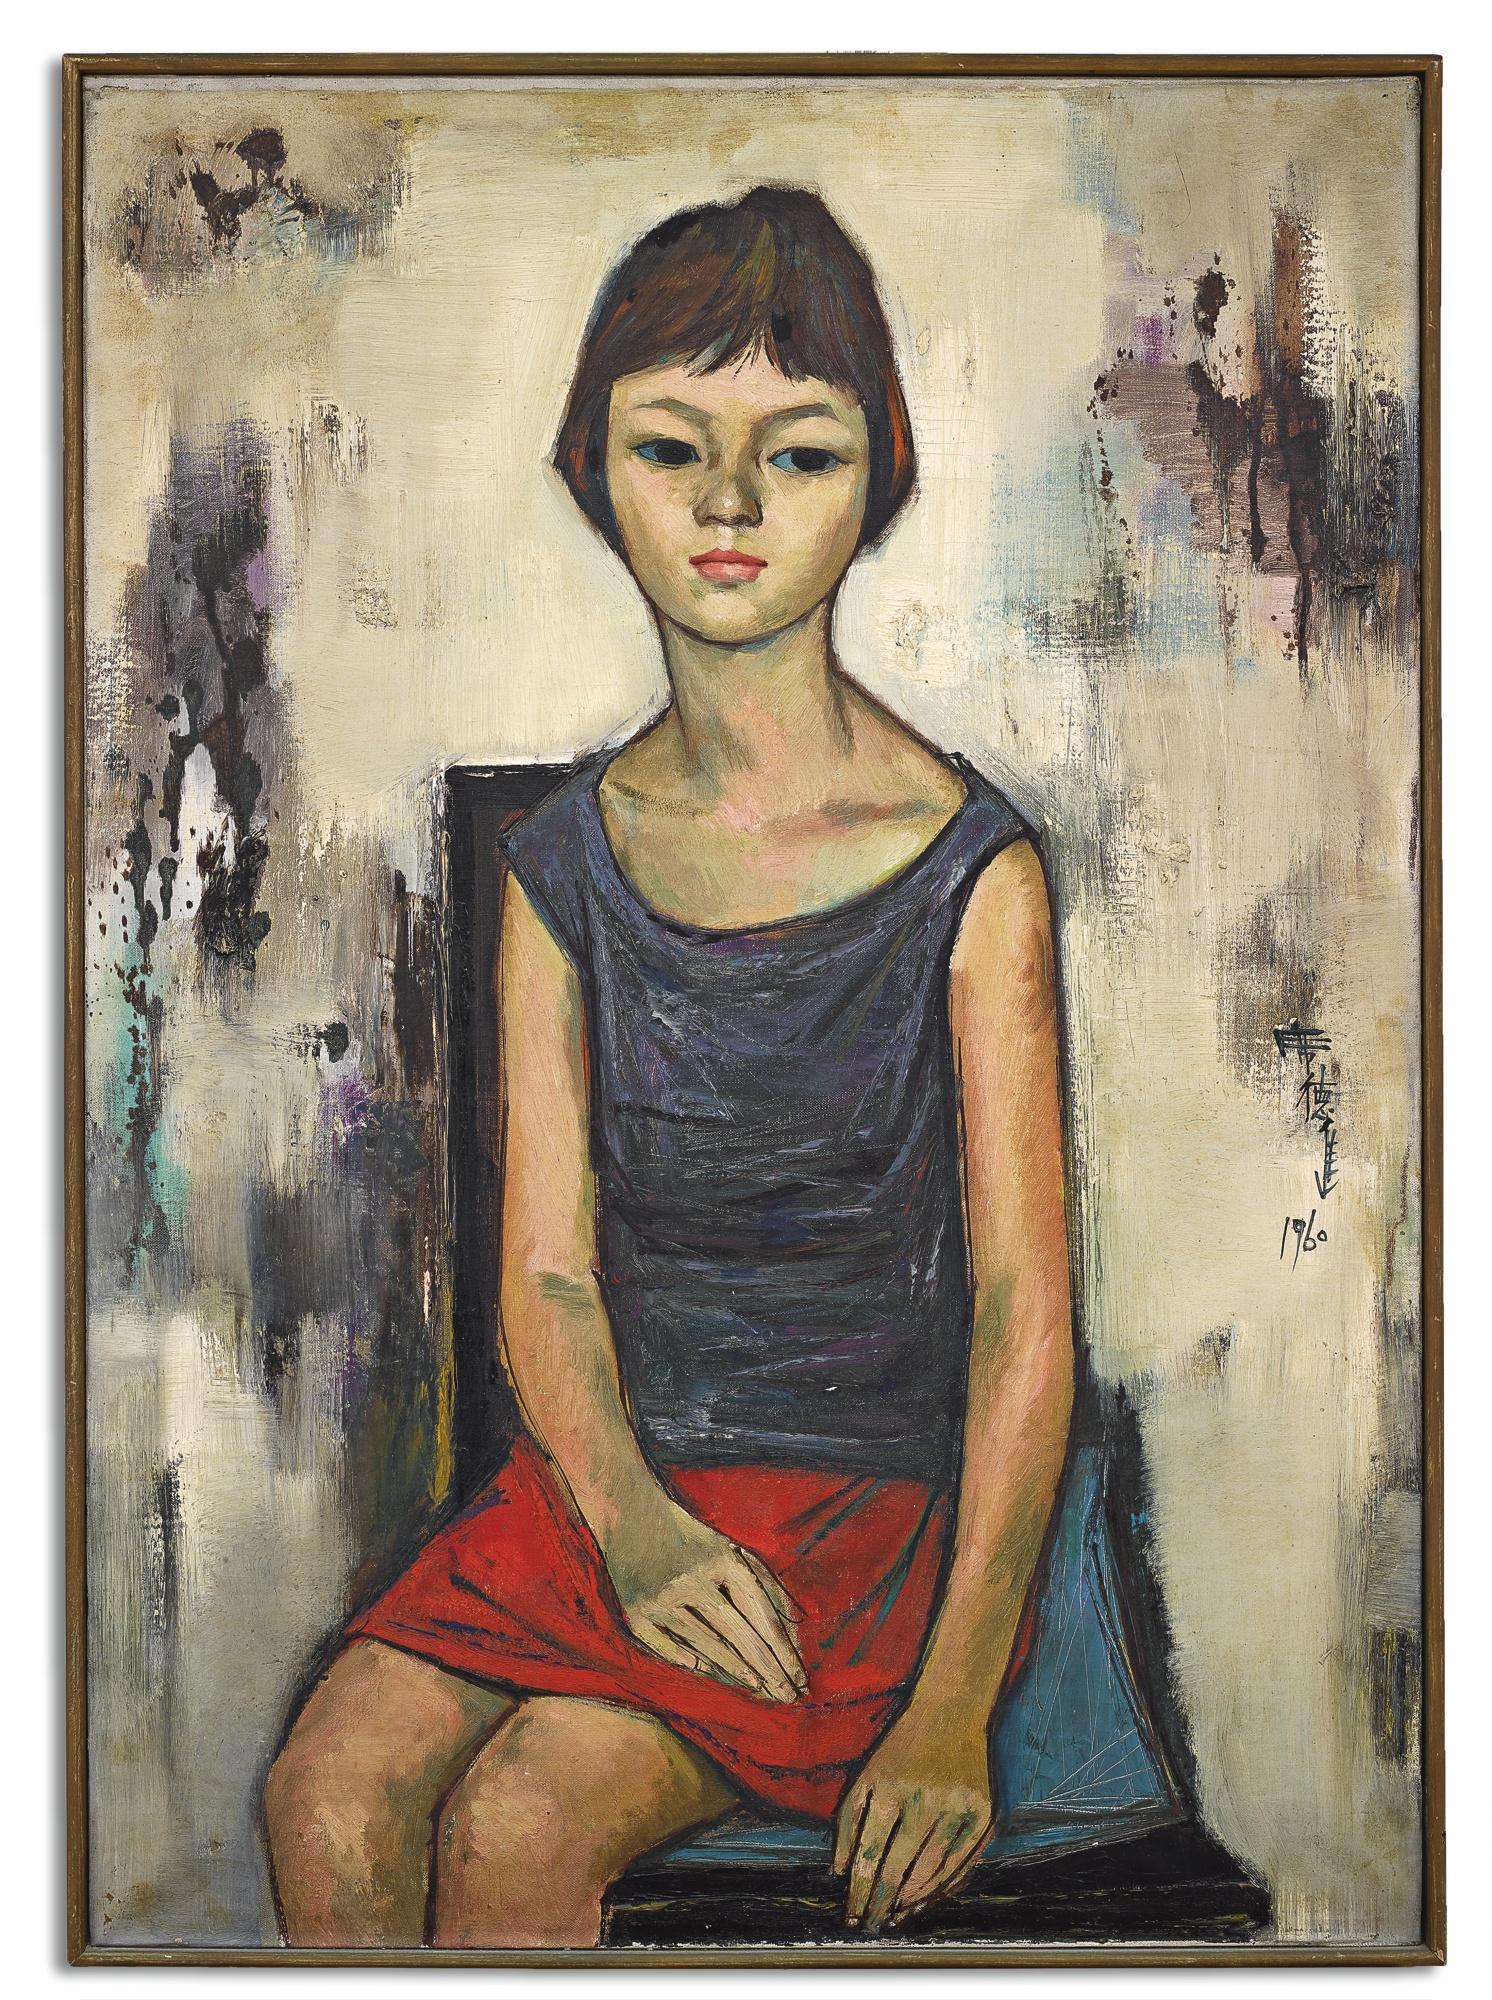 Shiy De-Jinn-Young Girl-1960